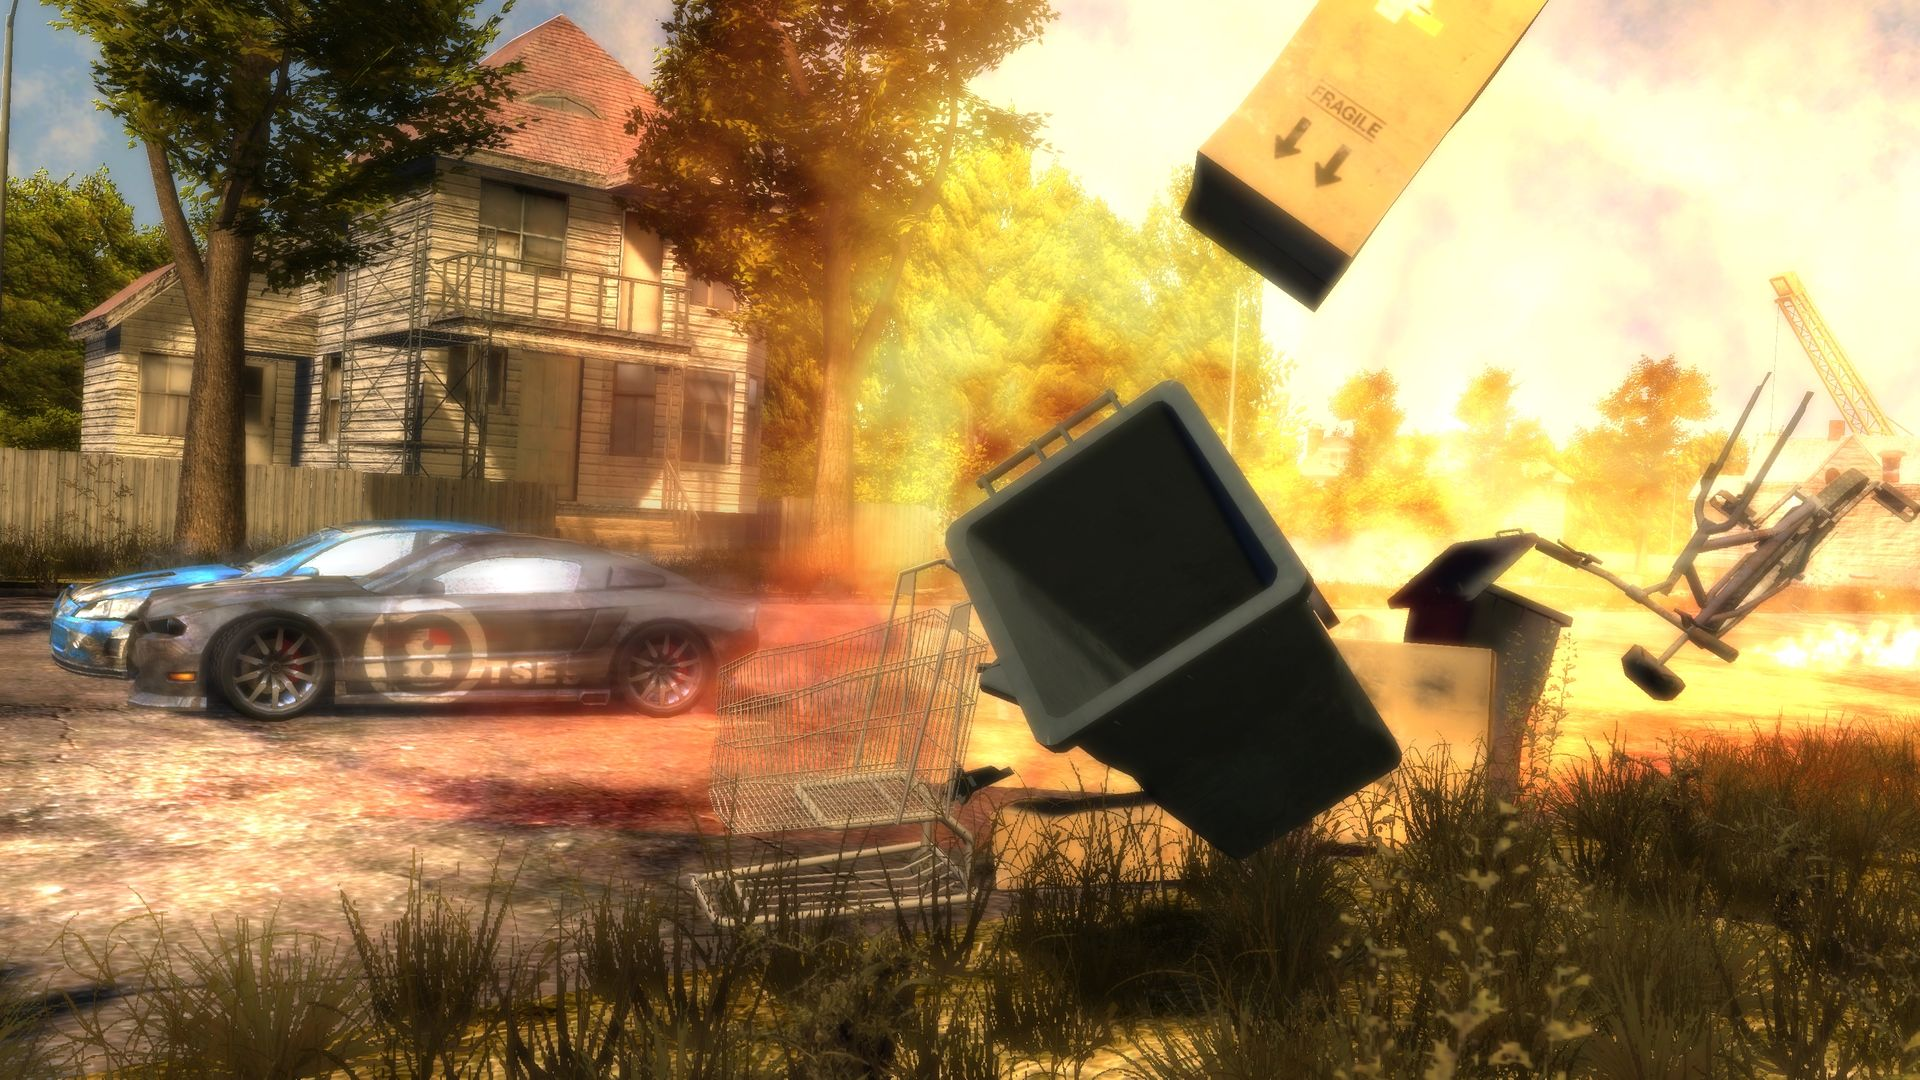 Flatout 3: Chaos & Destruction, disponible para el 13 de diciembre [Lanzamientos sorpresas]